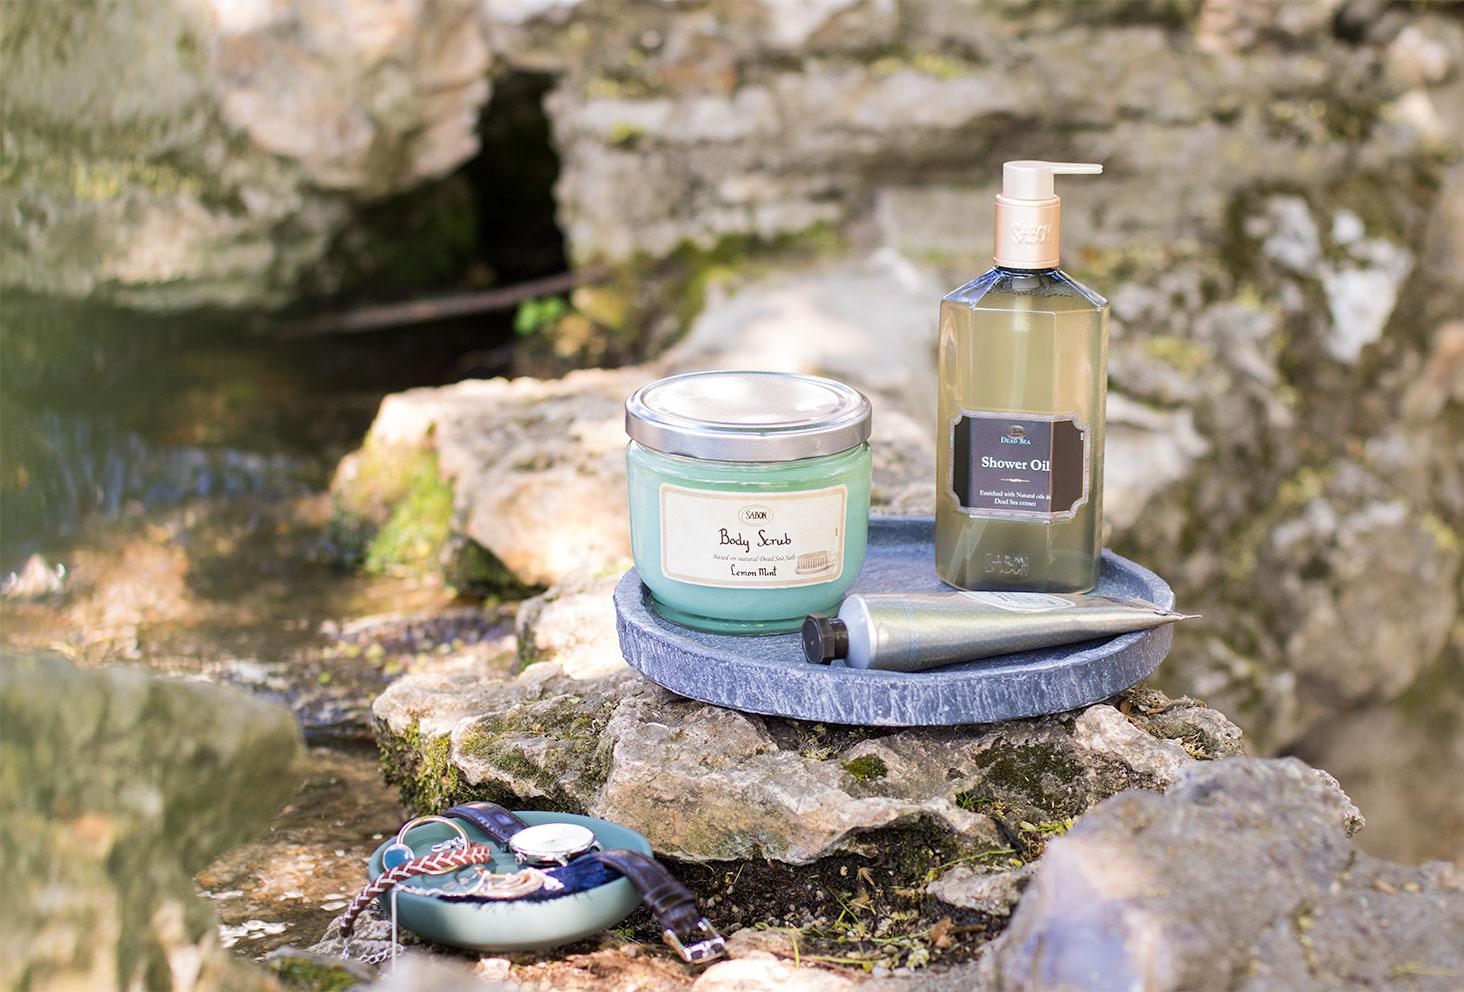 Le gommage, l'huile de douche et la crème pour les mains de Sabon dans un plat en ardoise sur les rochers au bord de l'eau